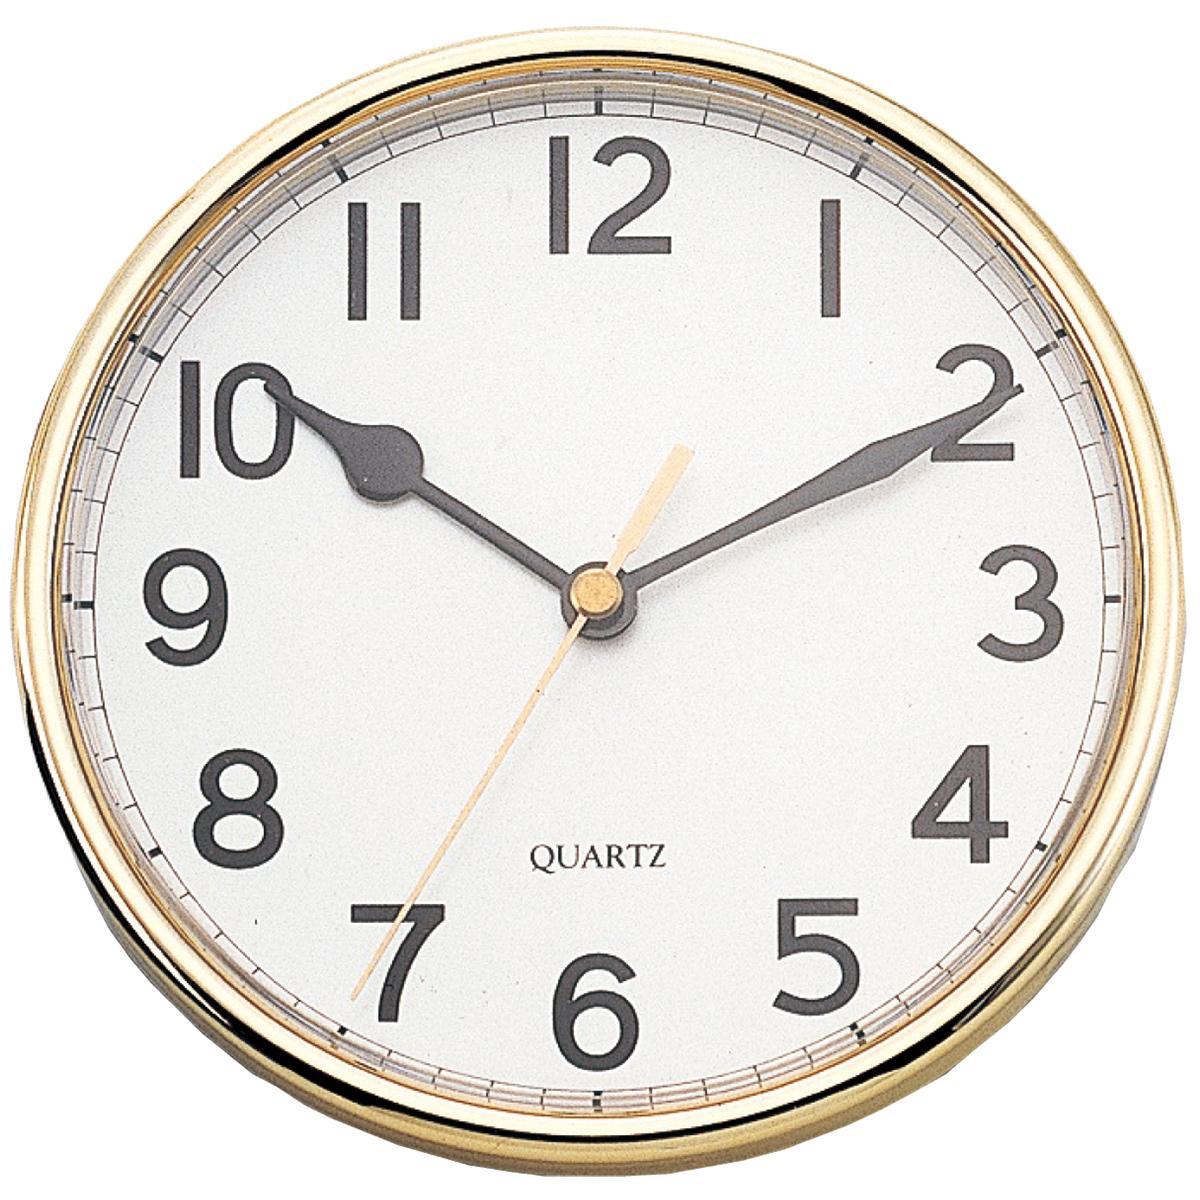 ビッグ丸型時計 時計 工作 美術 学習教材 小学生 クリスマスプレゼント